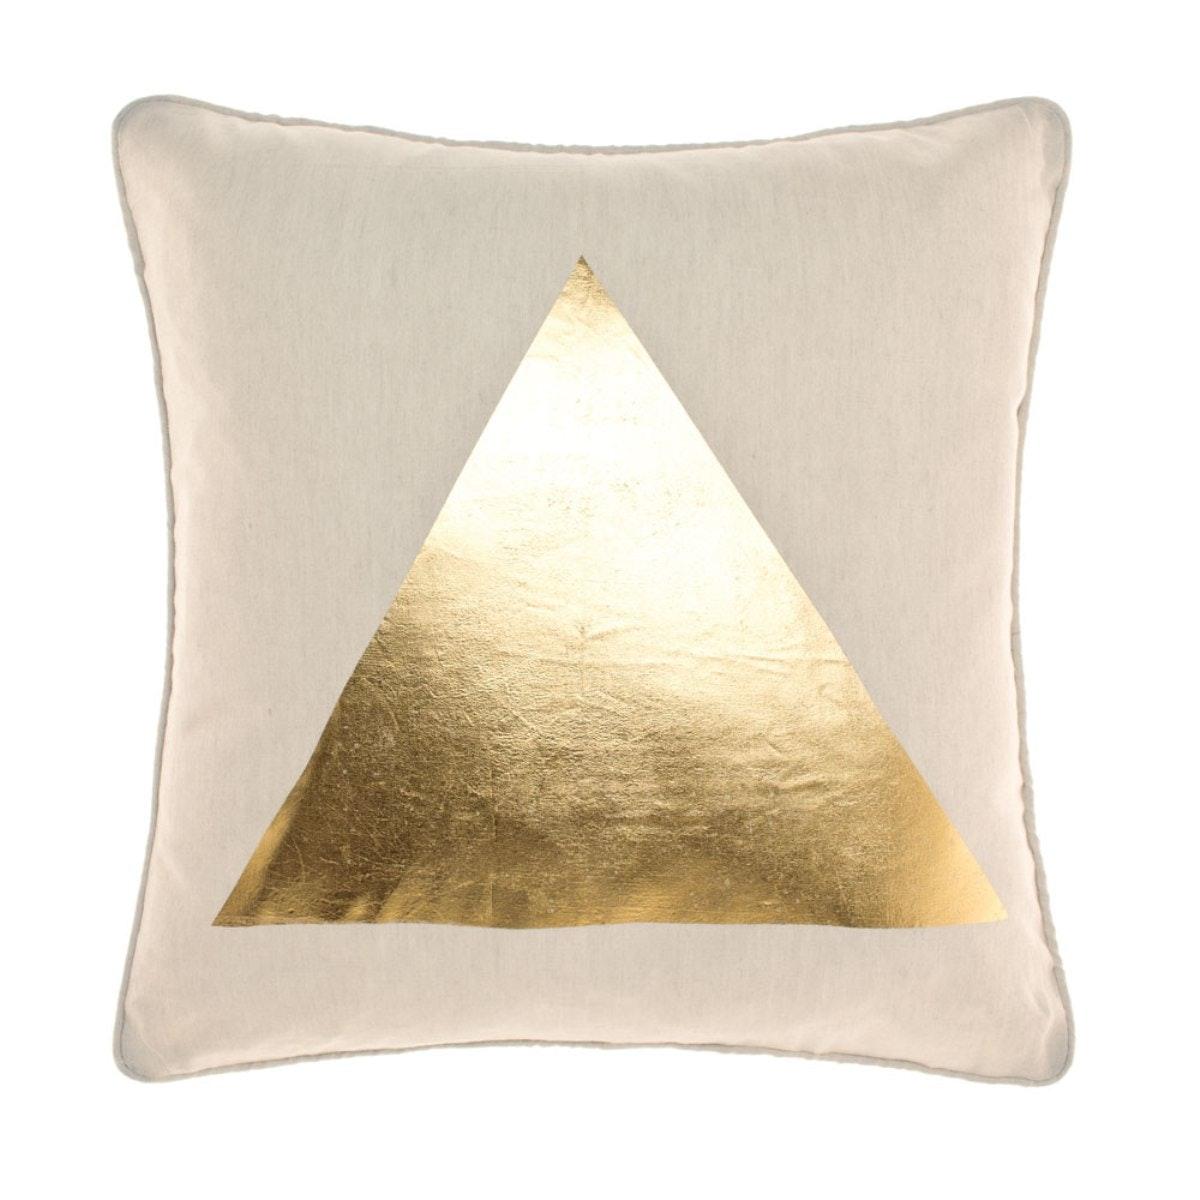 Apex Gold Cushion